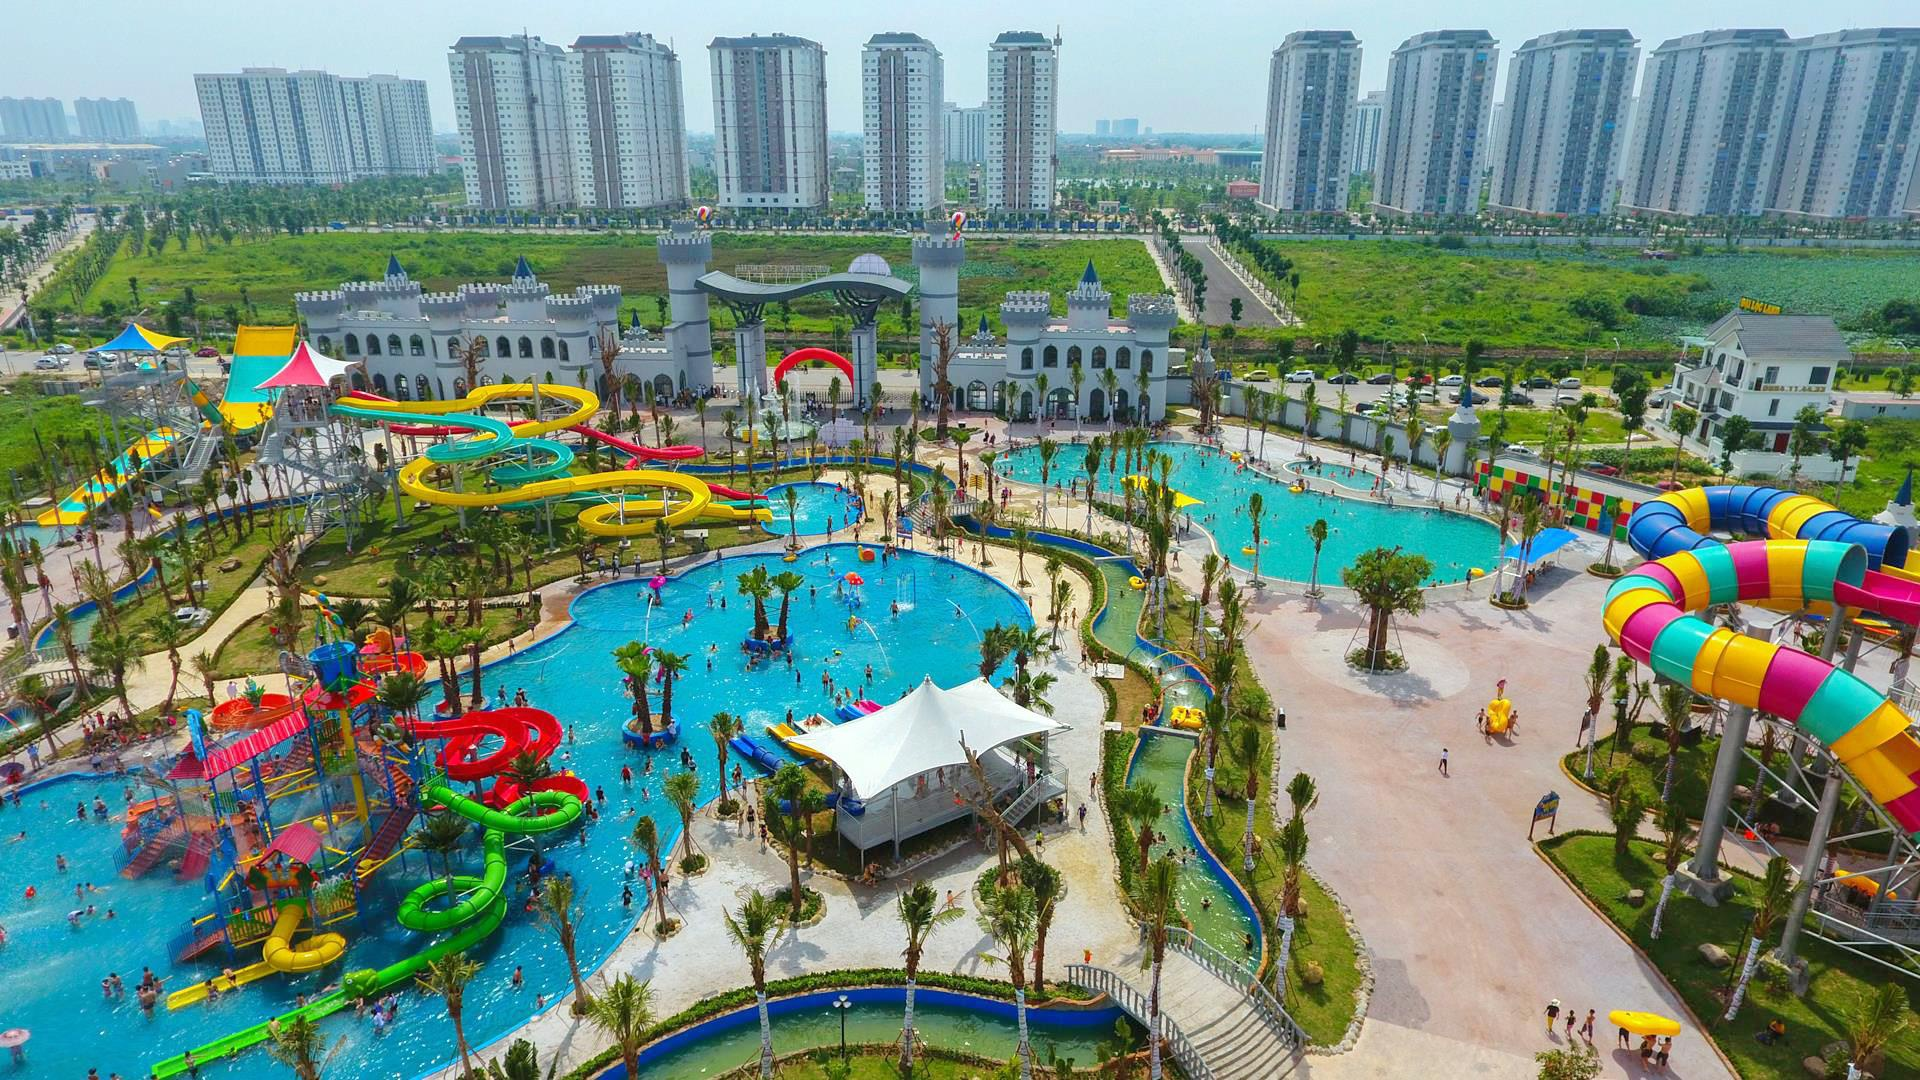 Sáng 10/6, một công viên nước mới ở quận Hà Đông (Hà Nội) chính thức mở cửa đón những vị khách đầu tiên.